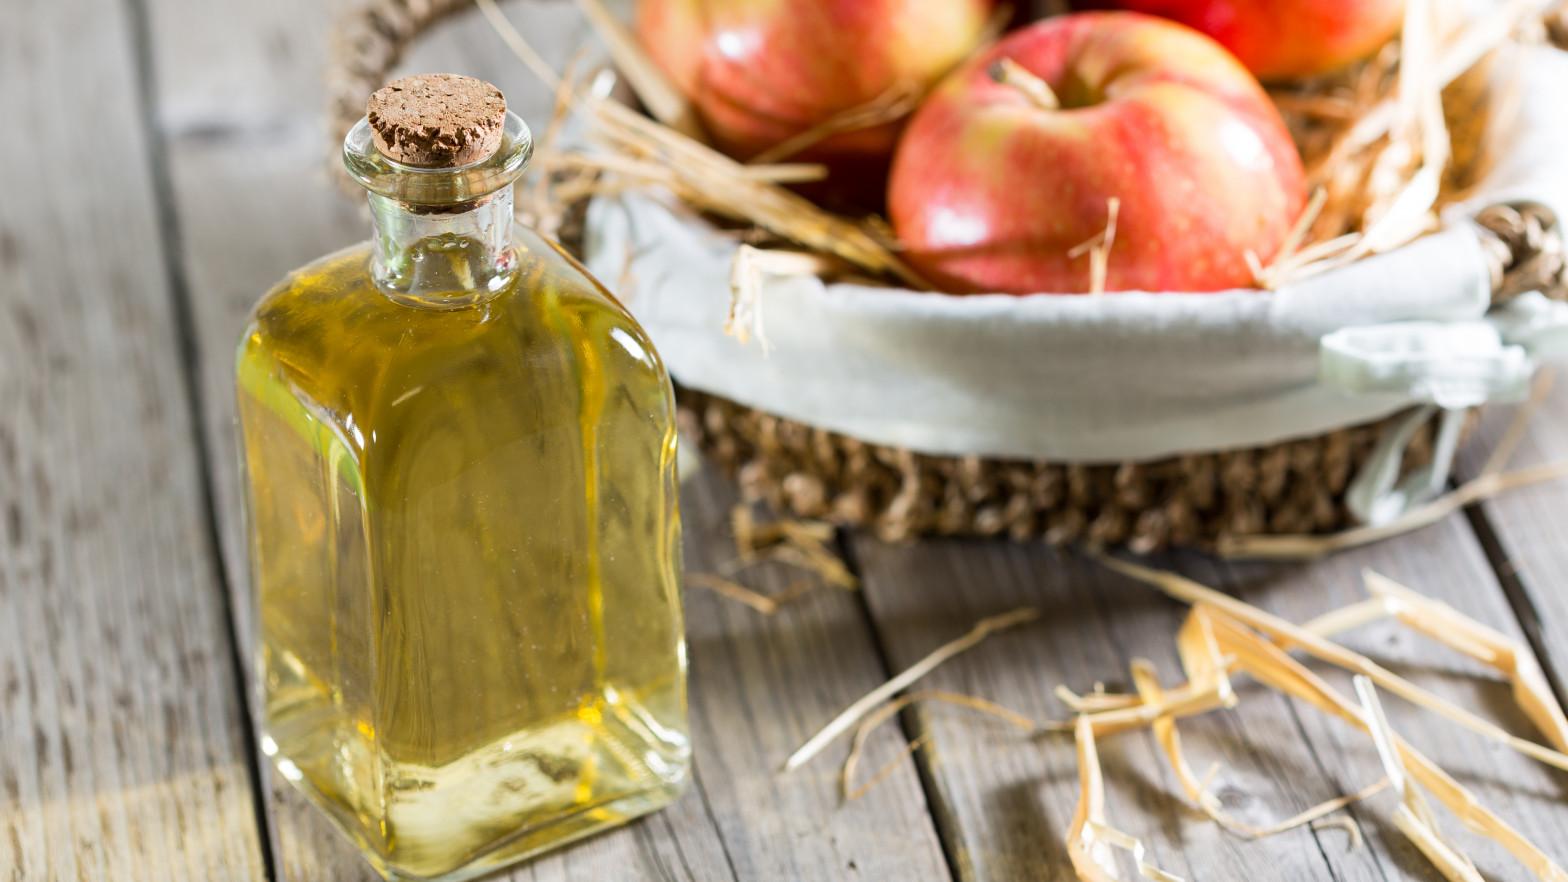 Vinagre de sidra de manzana: cómo tomarlo para adelgazar y acelerar el metabolismo